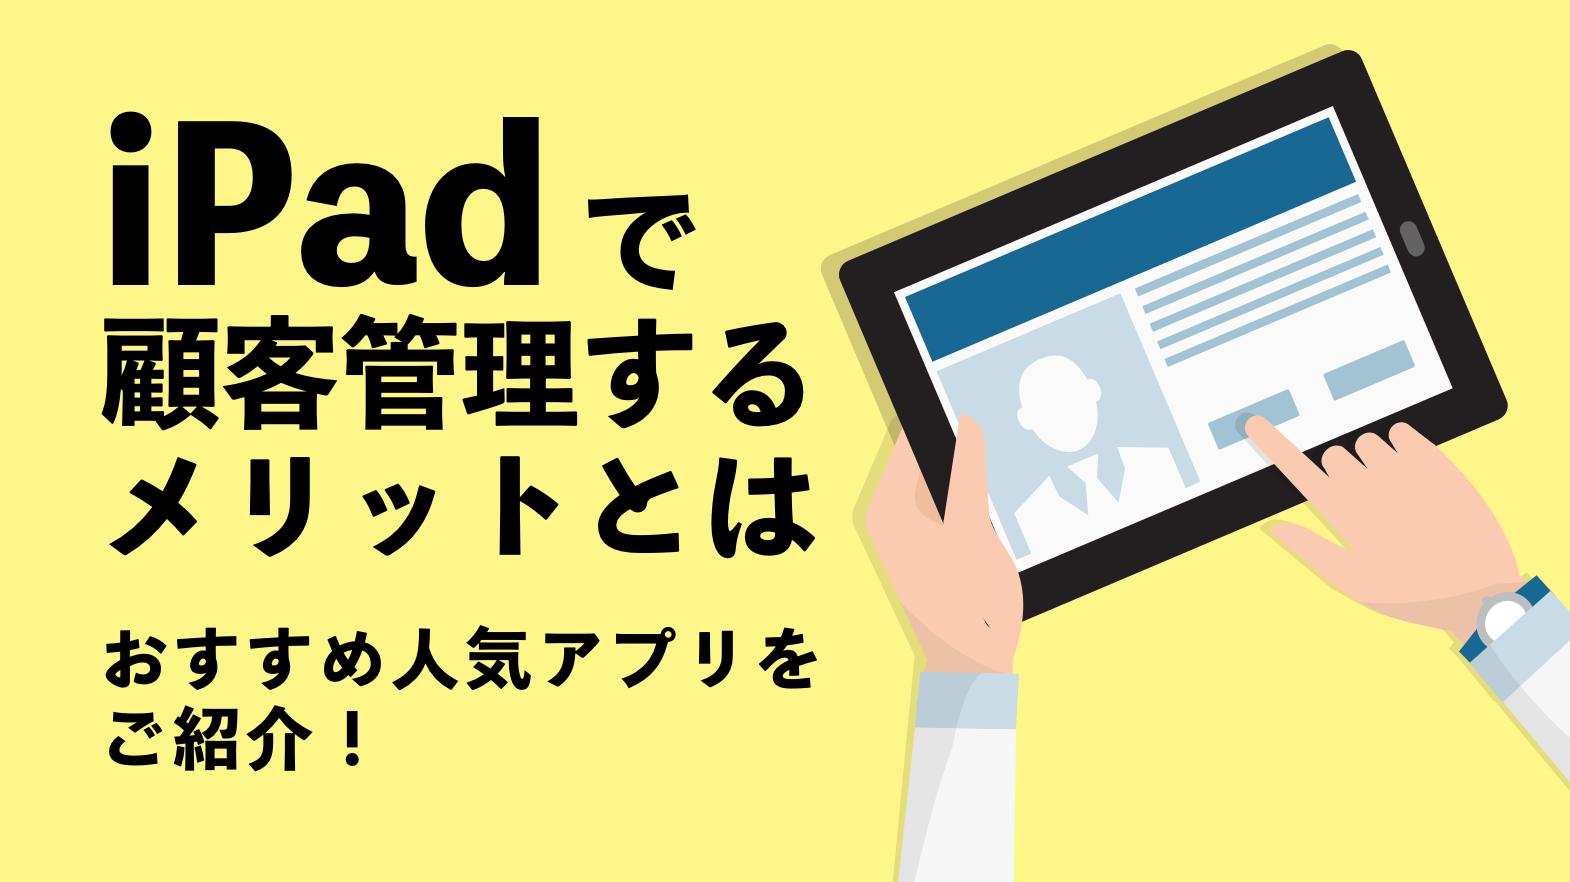 iPadで顧客管理するメリットとは~おすすめ人気アプリをご紹介!~